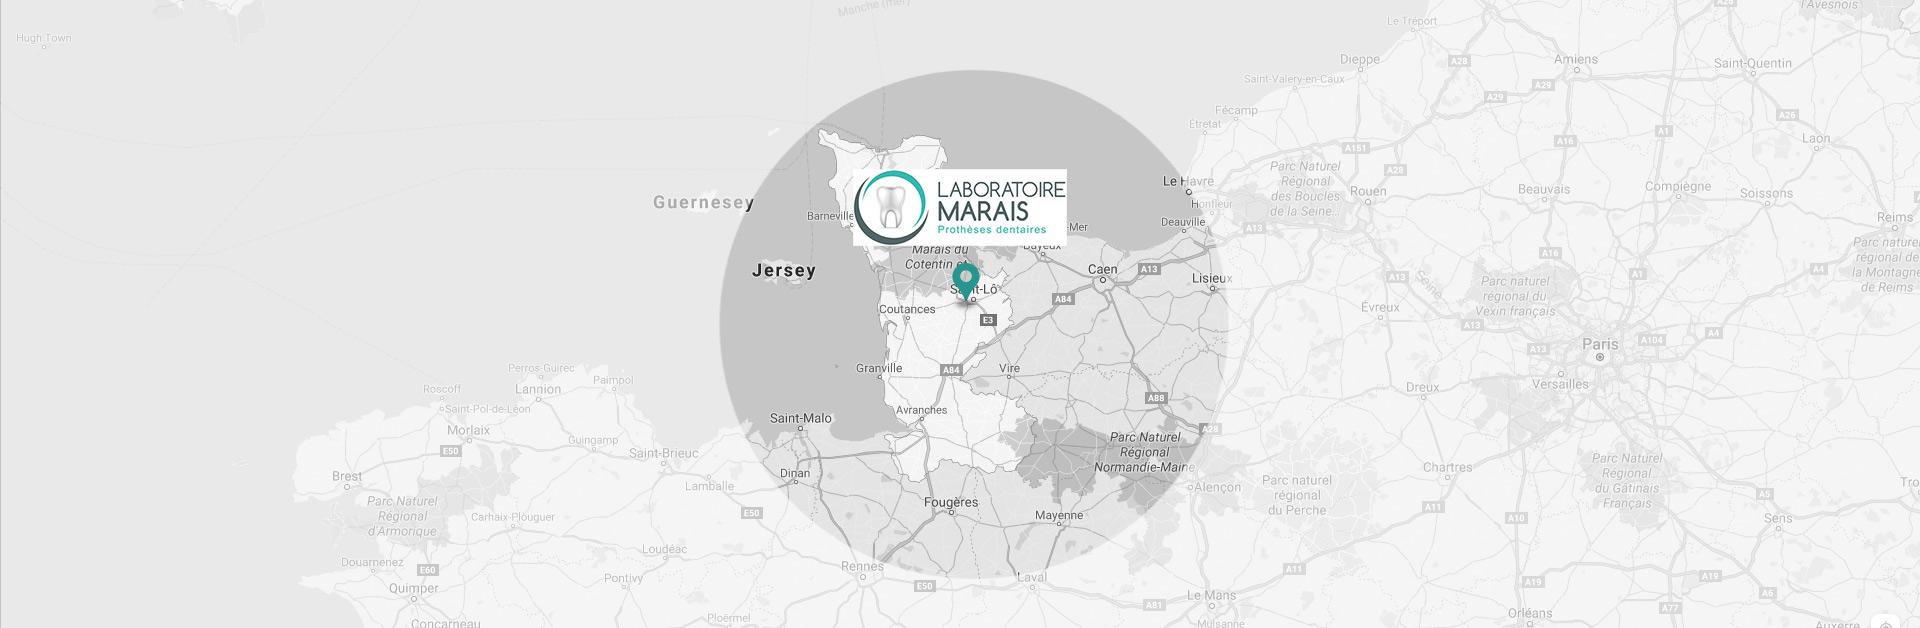 Le Laboratoire Jehenne - Marais est spécialisé dans la fabrication de prothèses dentaires à Agneaux, dans le département de la Manche.